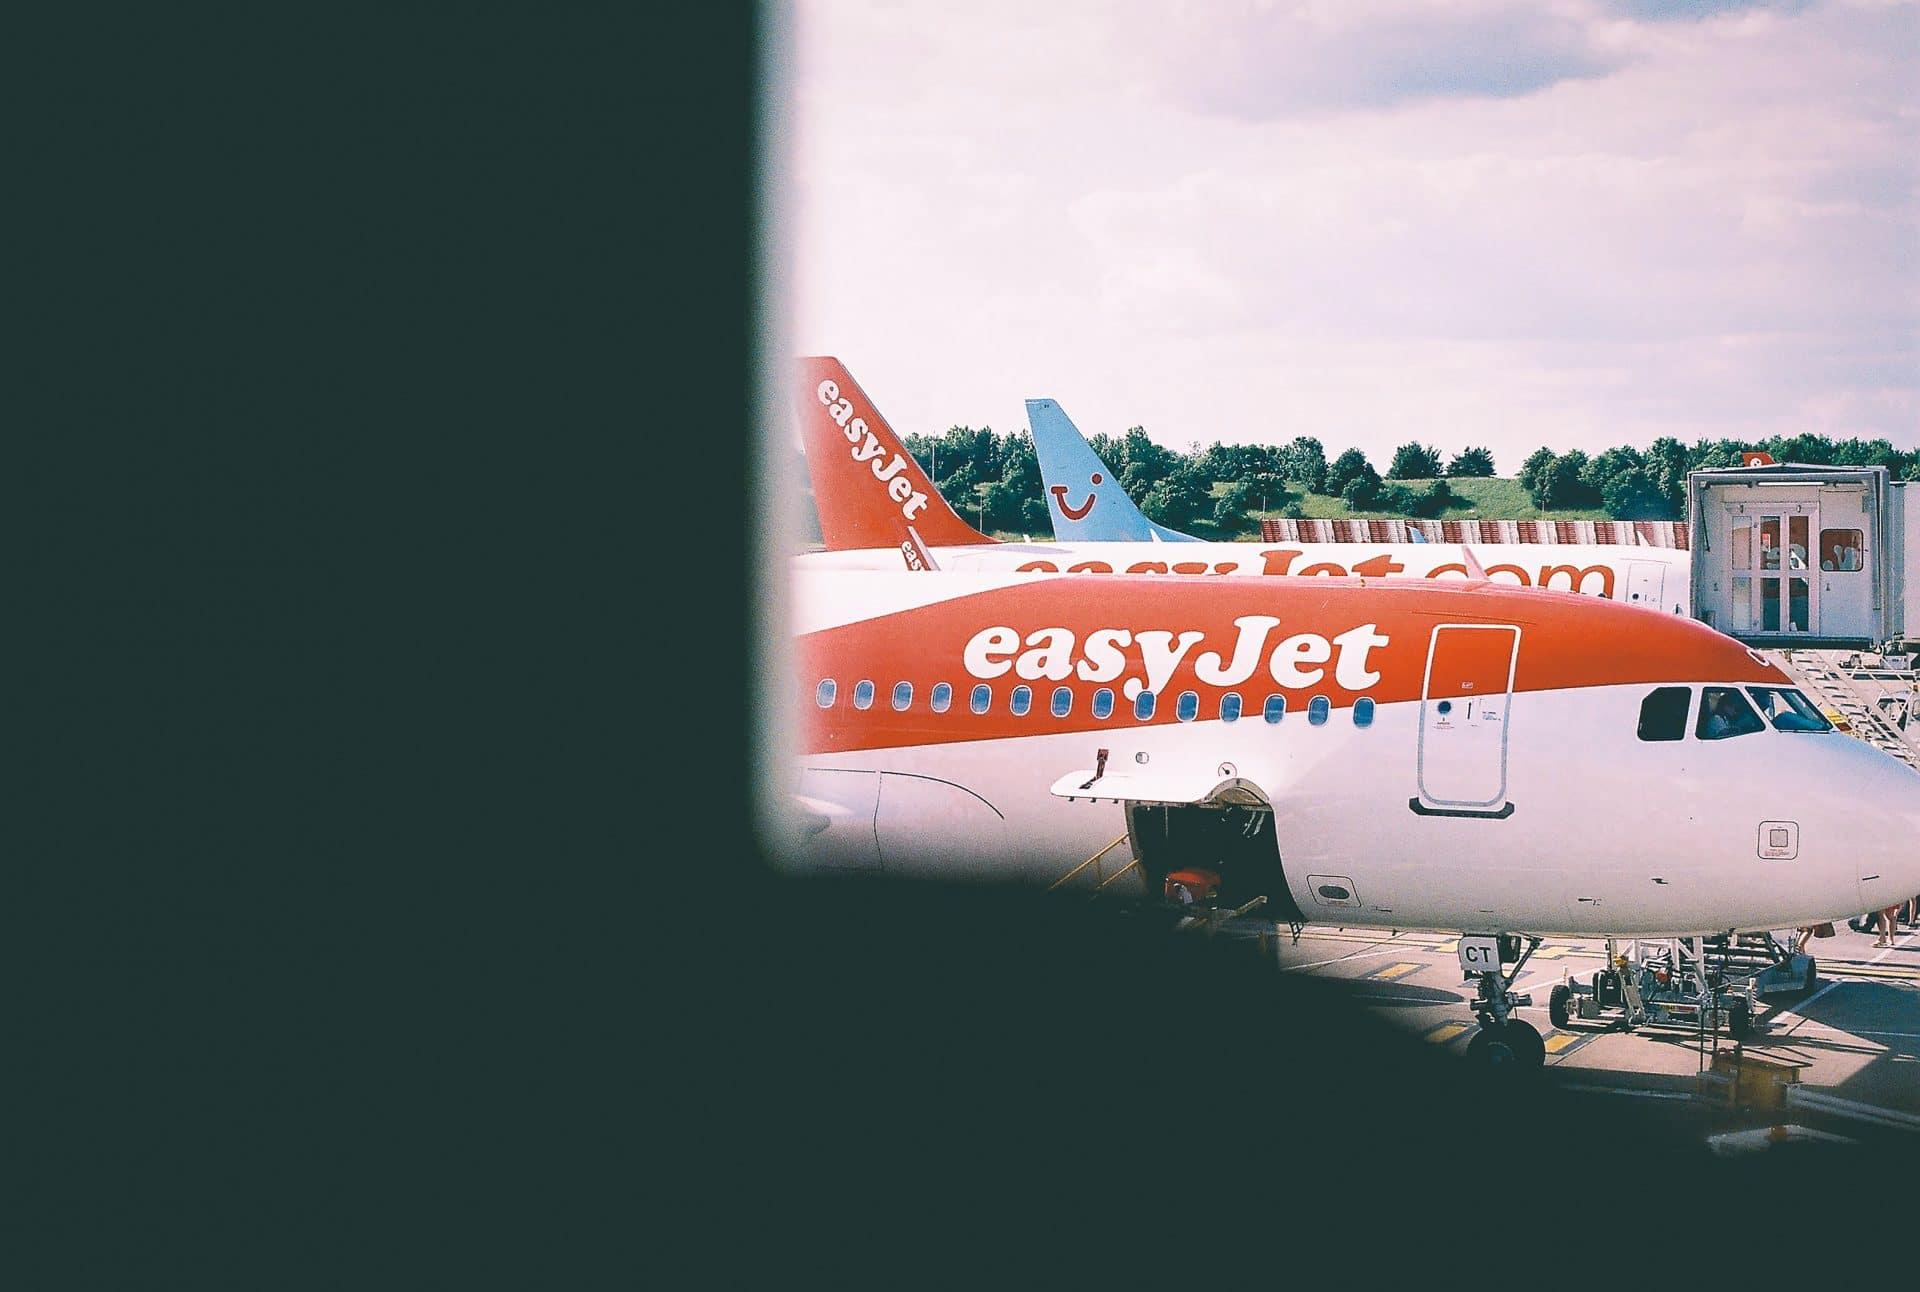 Easyjet Flugzeug Easyjetelio Santos 1iYt SIAsbQ Unsplash